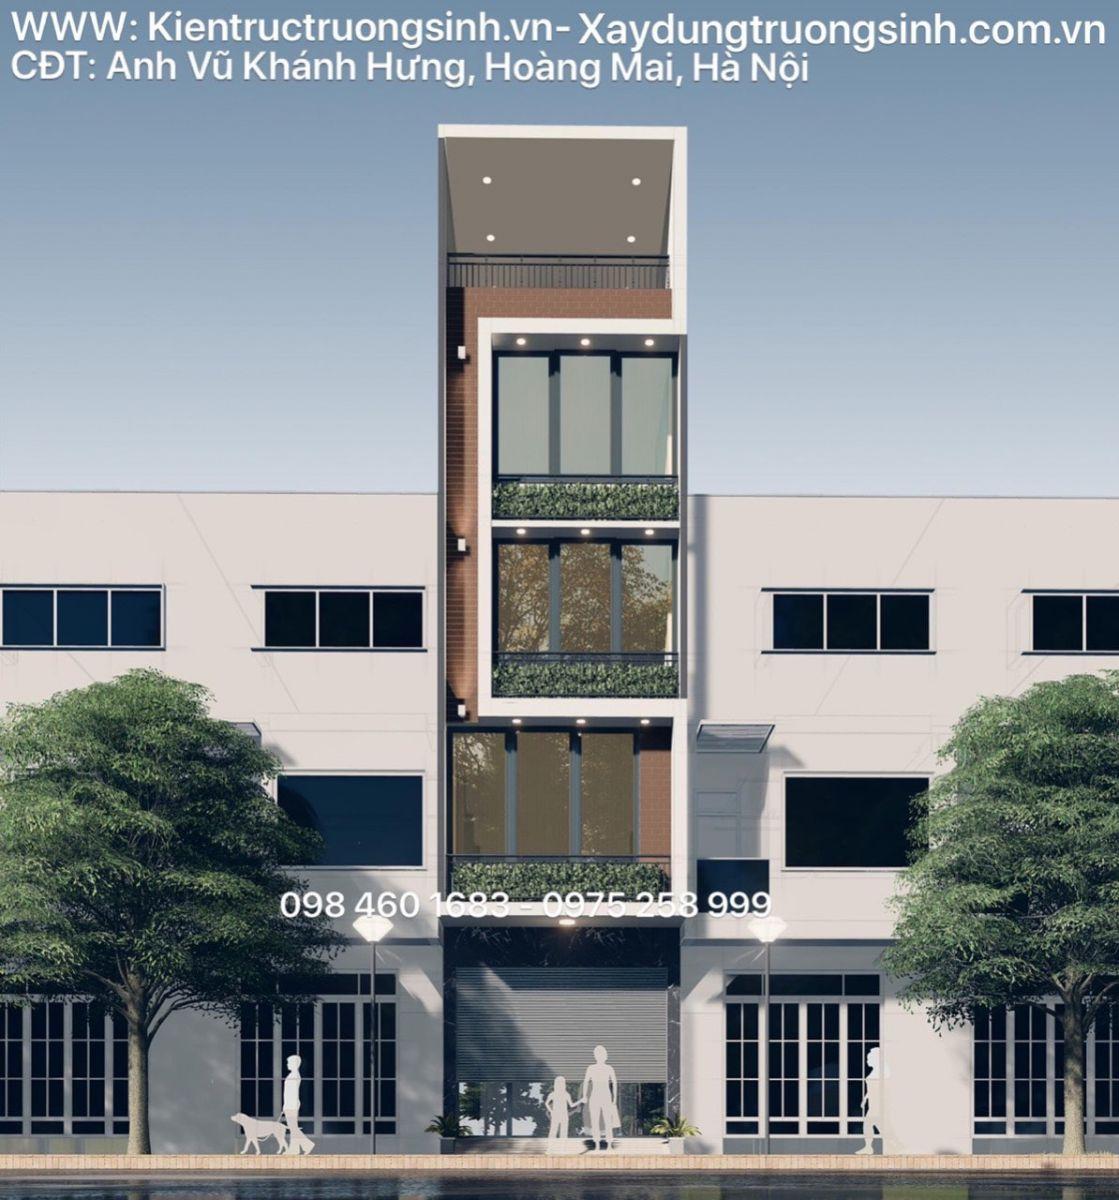 Siêu dự án sửa nhà trọn gói cho nhà anh Hưng tại quận Hoàng Mai, HN-2